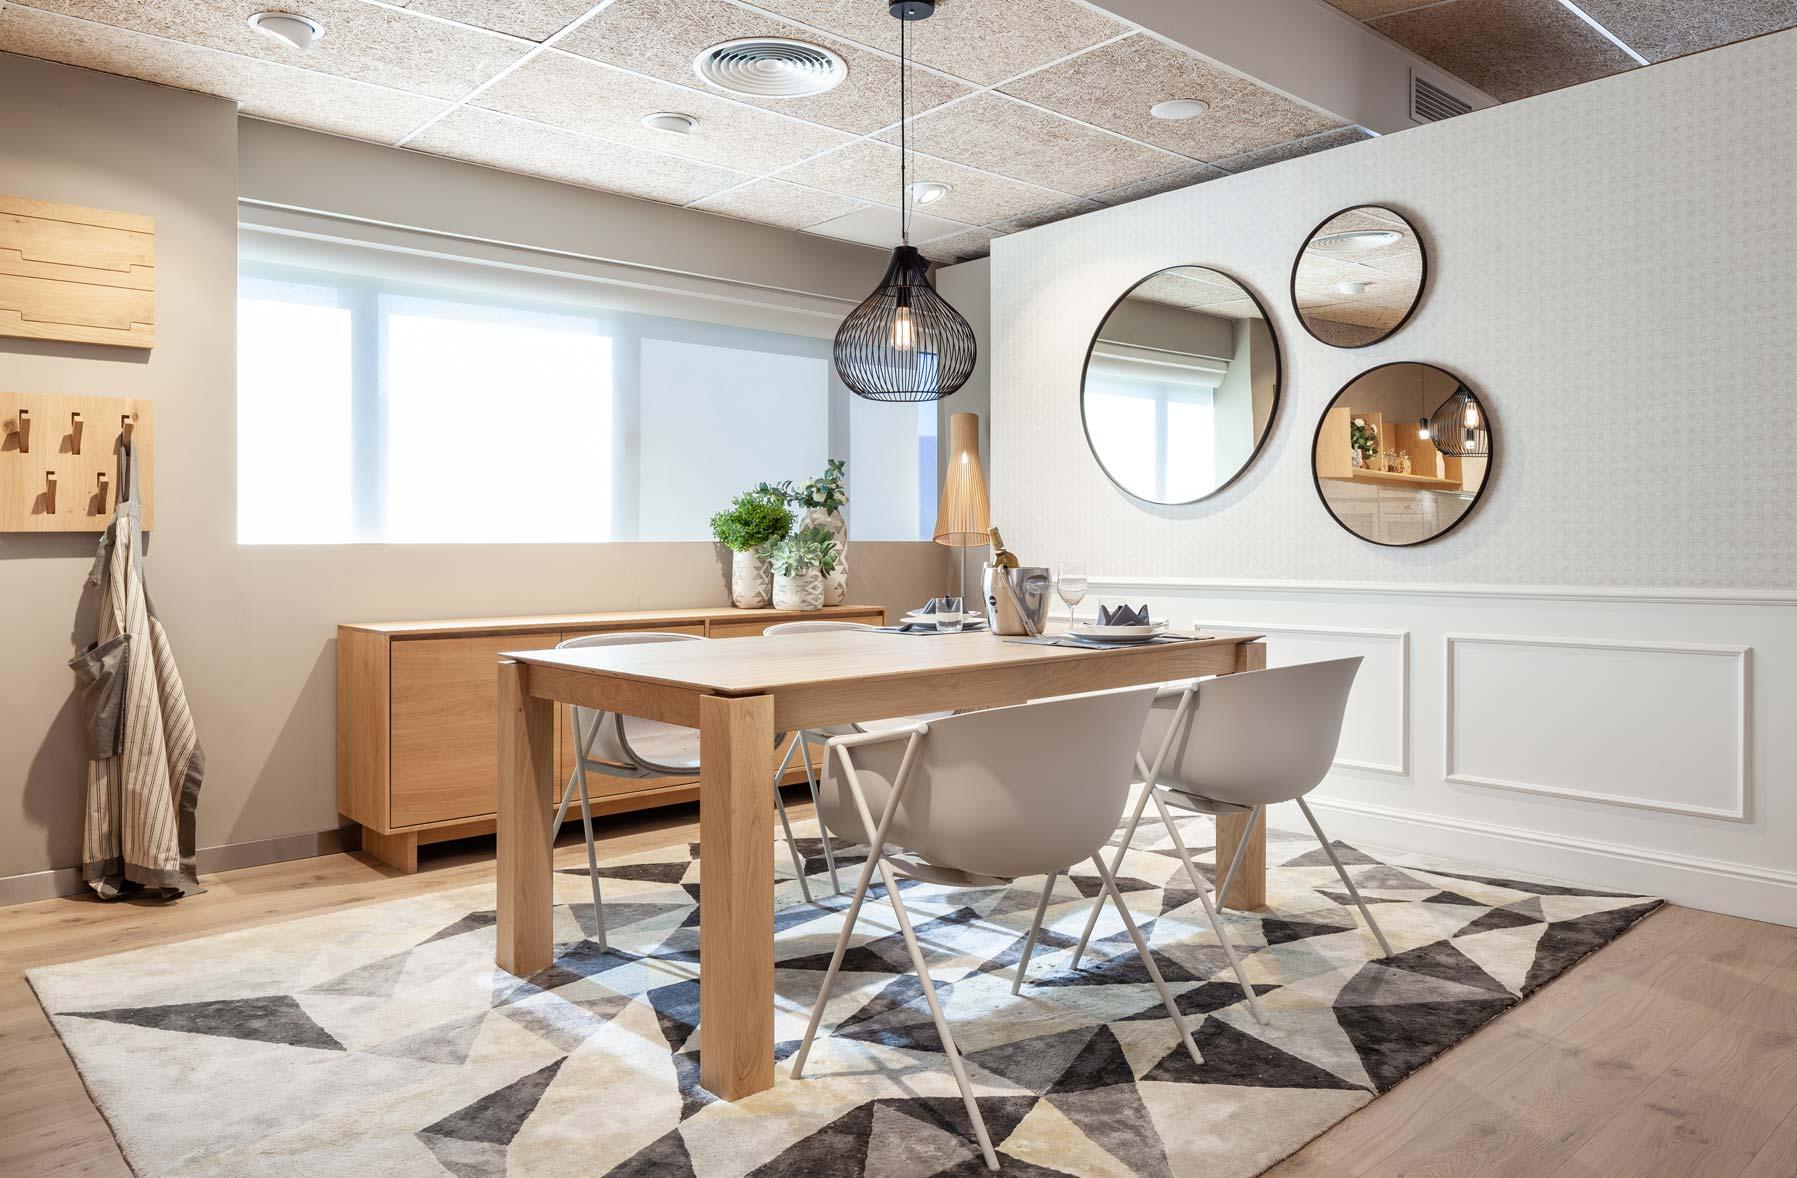 mesa-salon-comedor-espejos-diseño-papel-pintado-decoracion ...